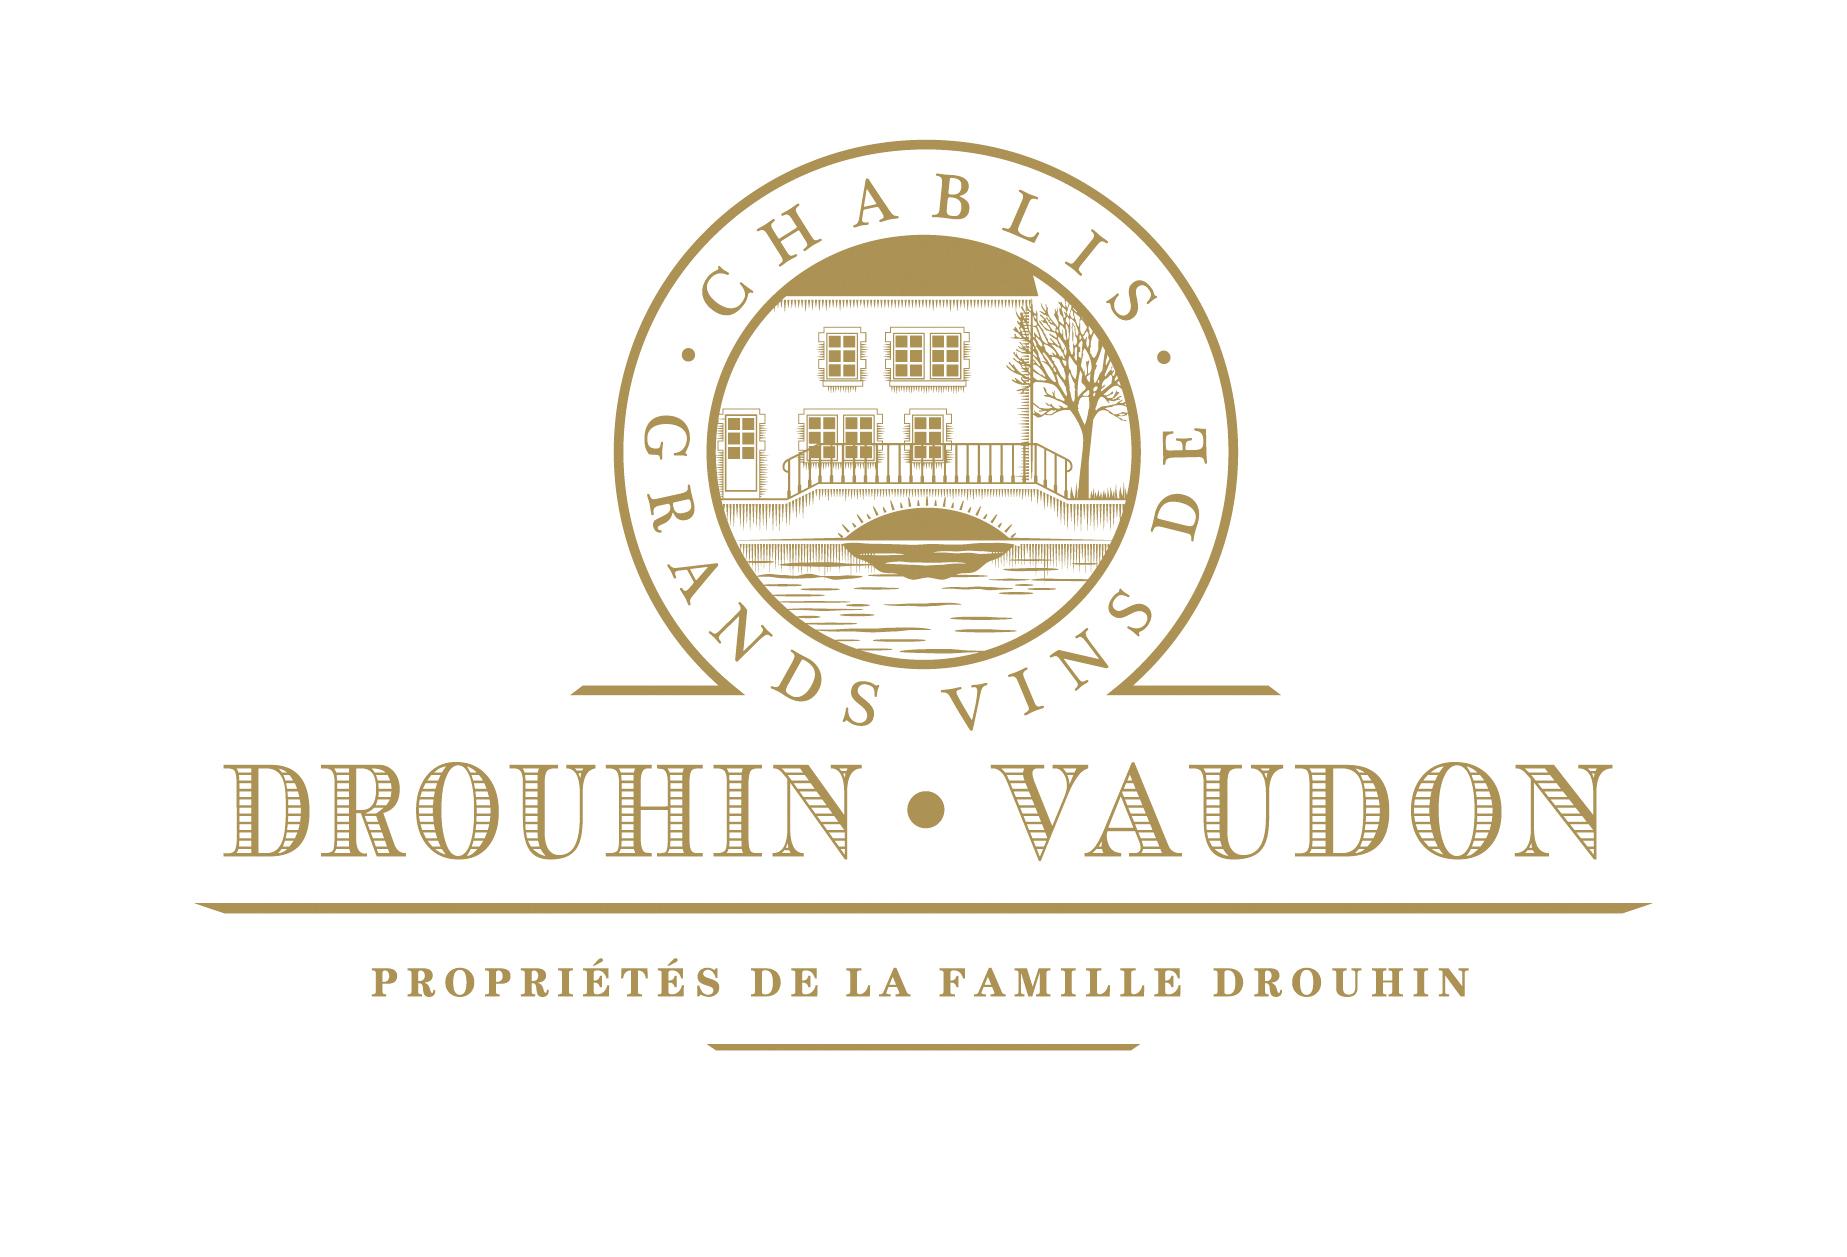 Domaine Drouhin Vaudon